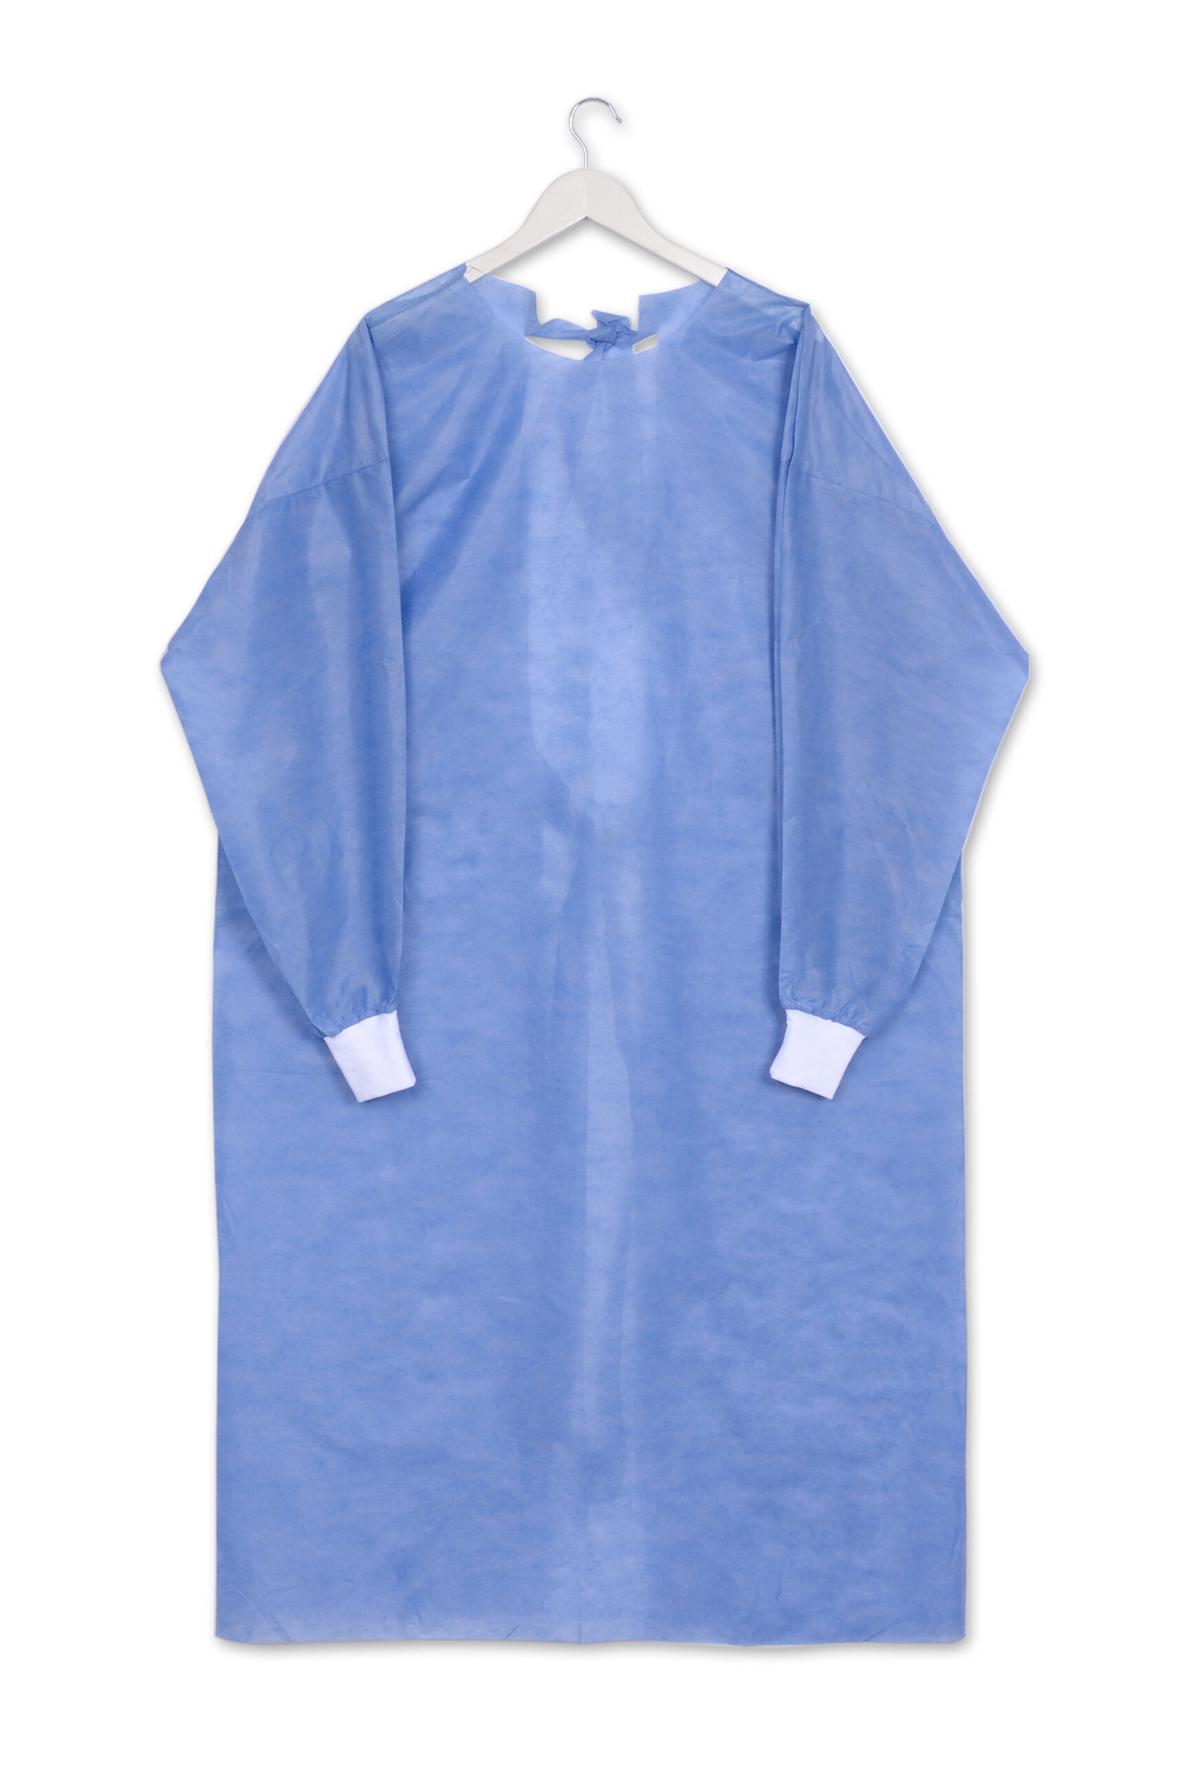 Uniformes Sanitarios descartables camisolín